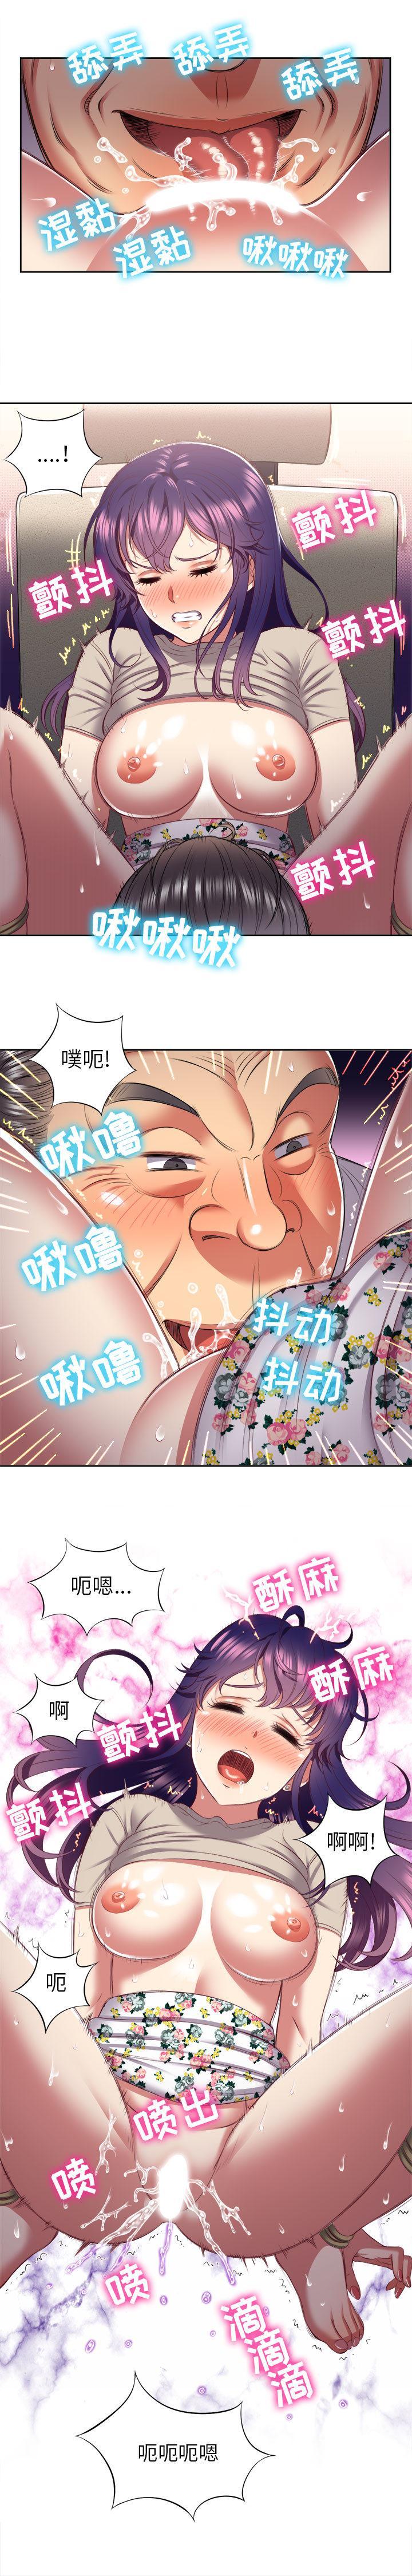 由莉的秘密1-60 中文翻译 (更新中) 170